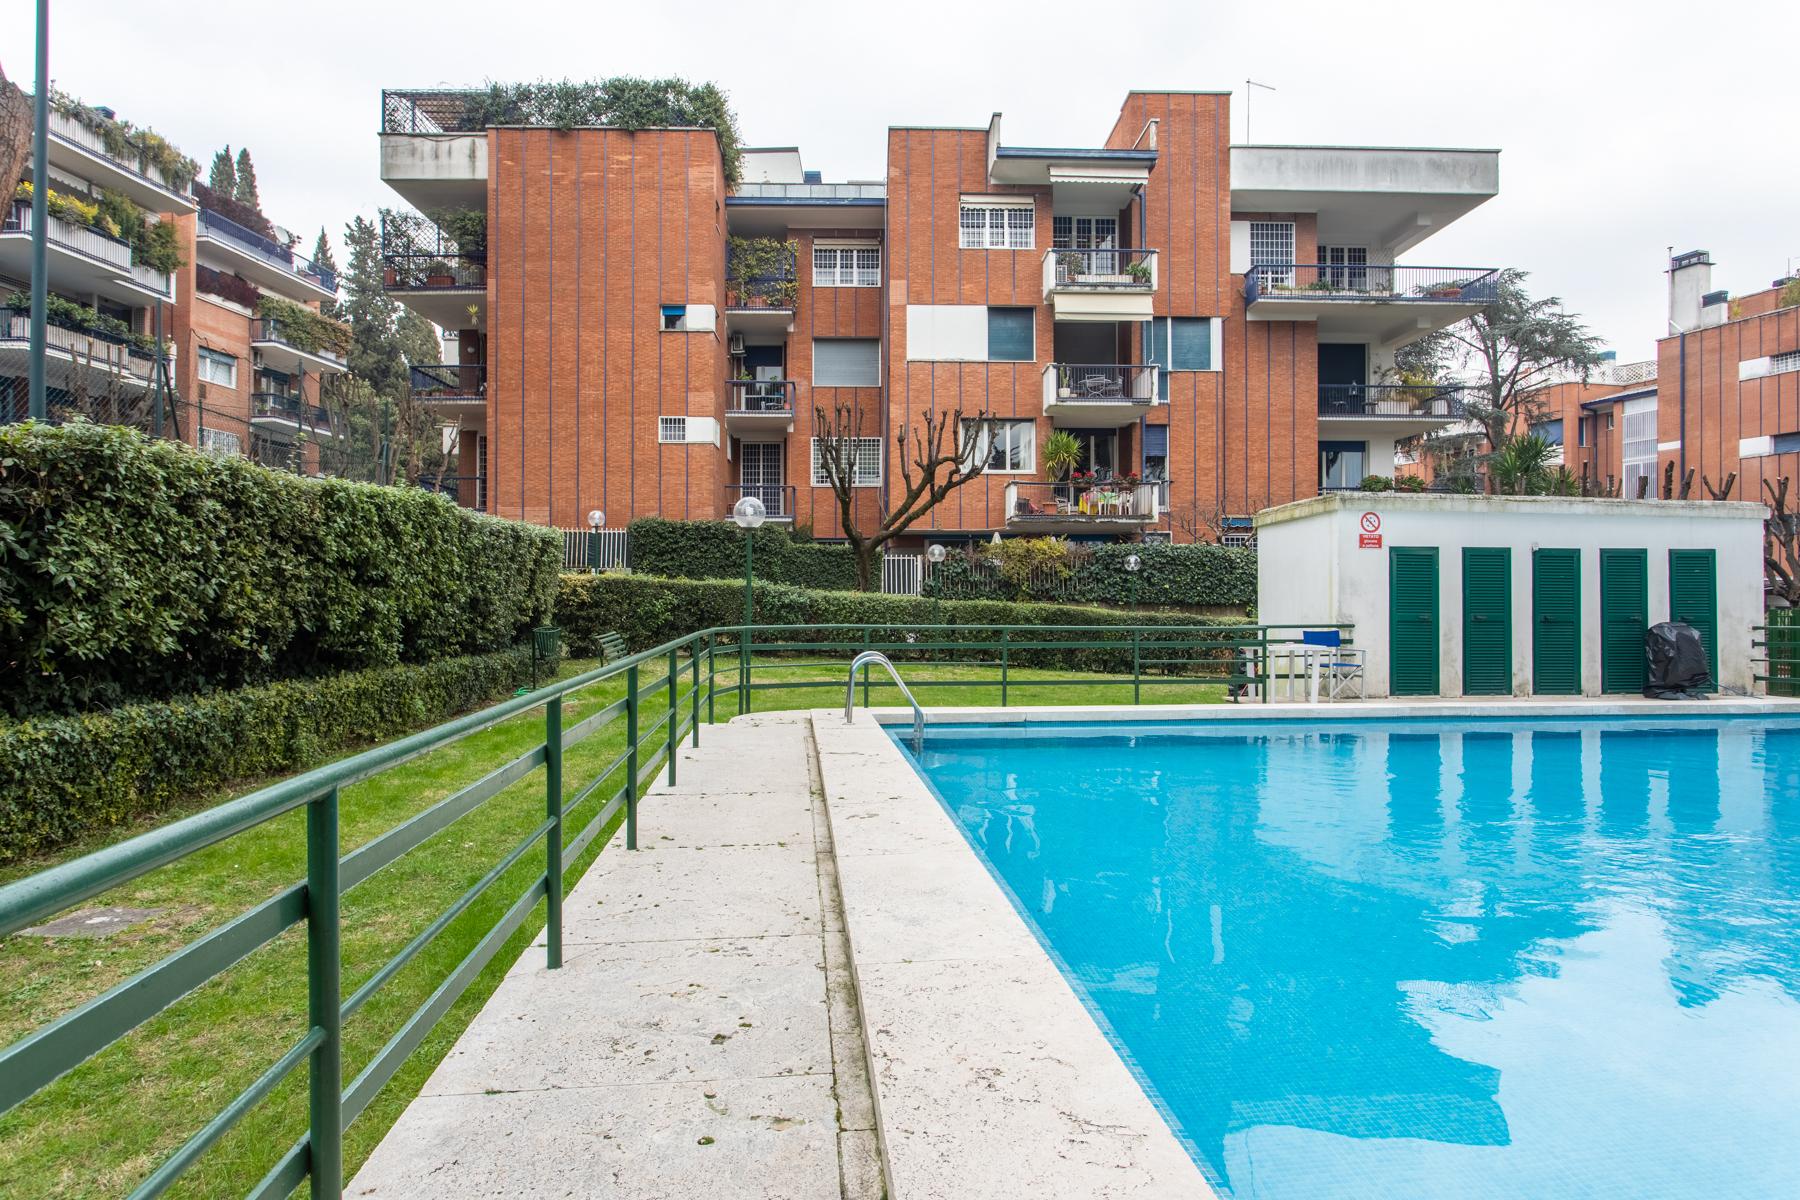 Appartamento in Vendita a Roma: 5 locali, 105 mq - Foto 1